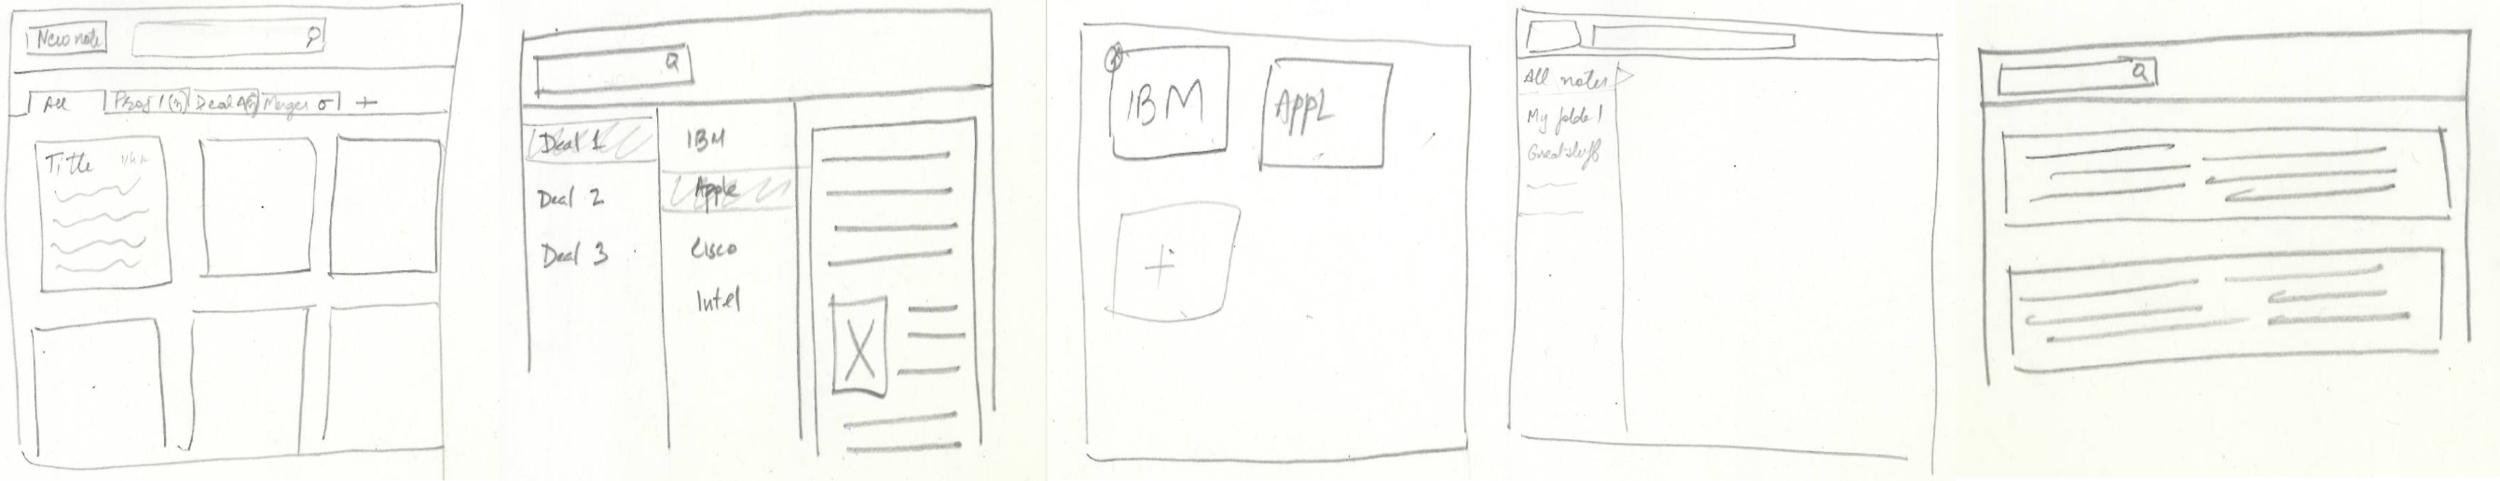 Folder Navigation